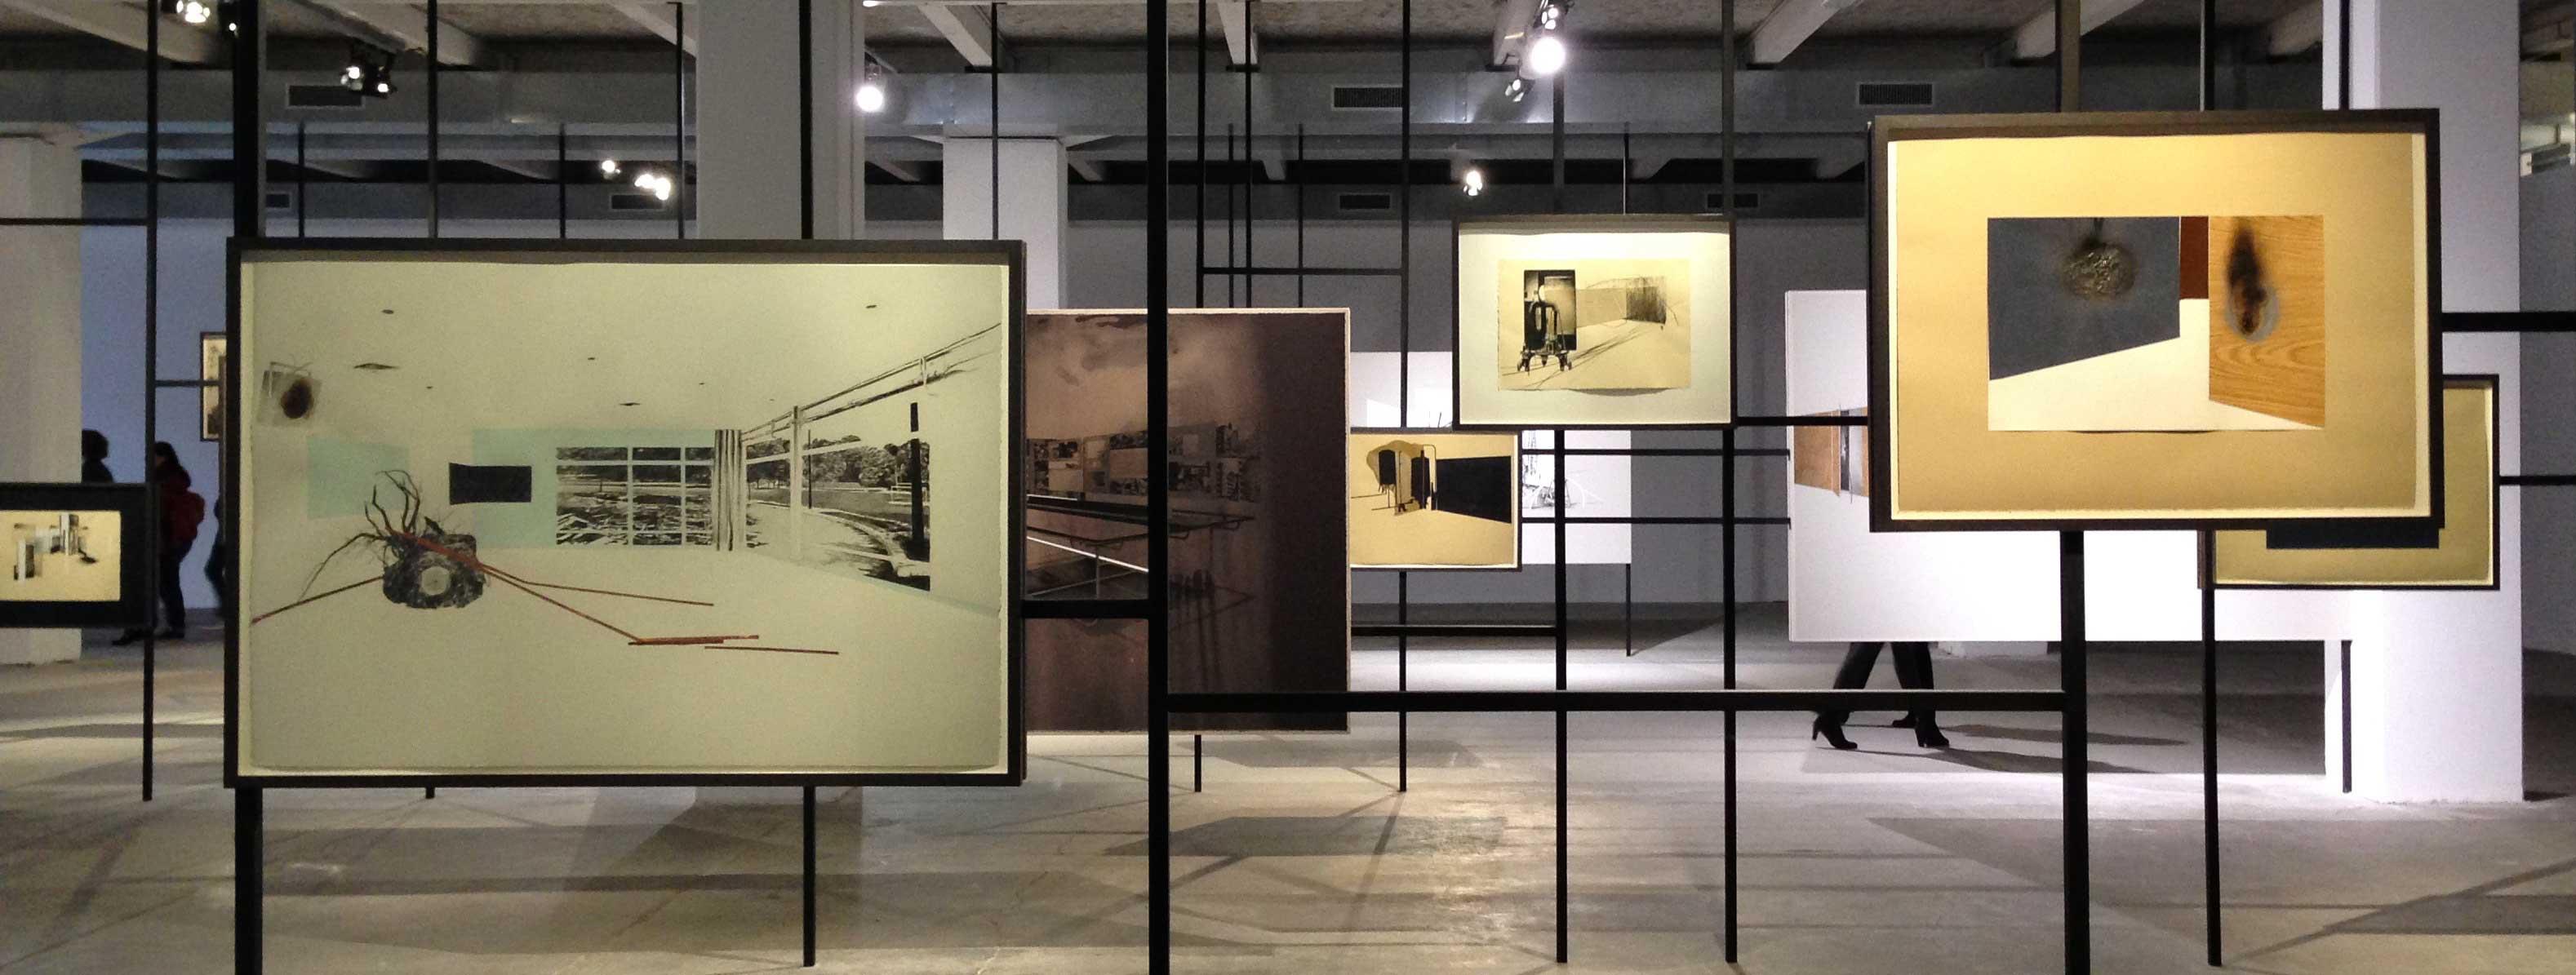 Salle de Tatiana Trouvé à la biennale d'art contemporain de Lyon